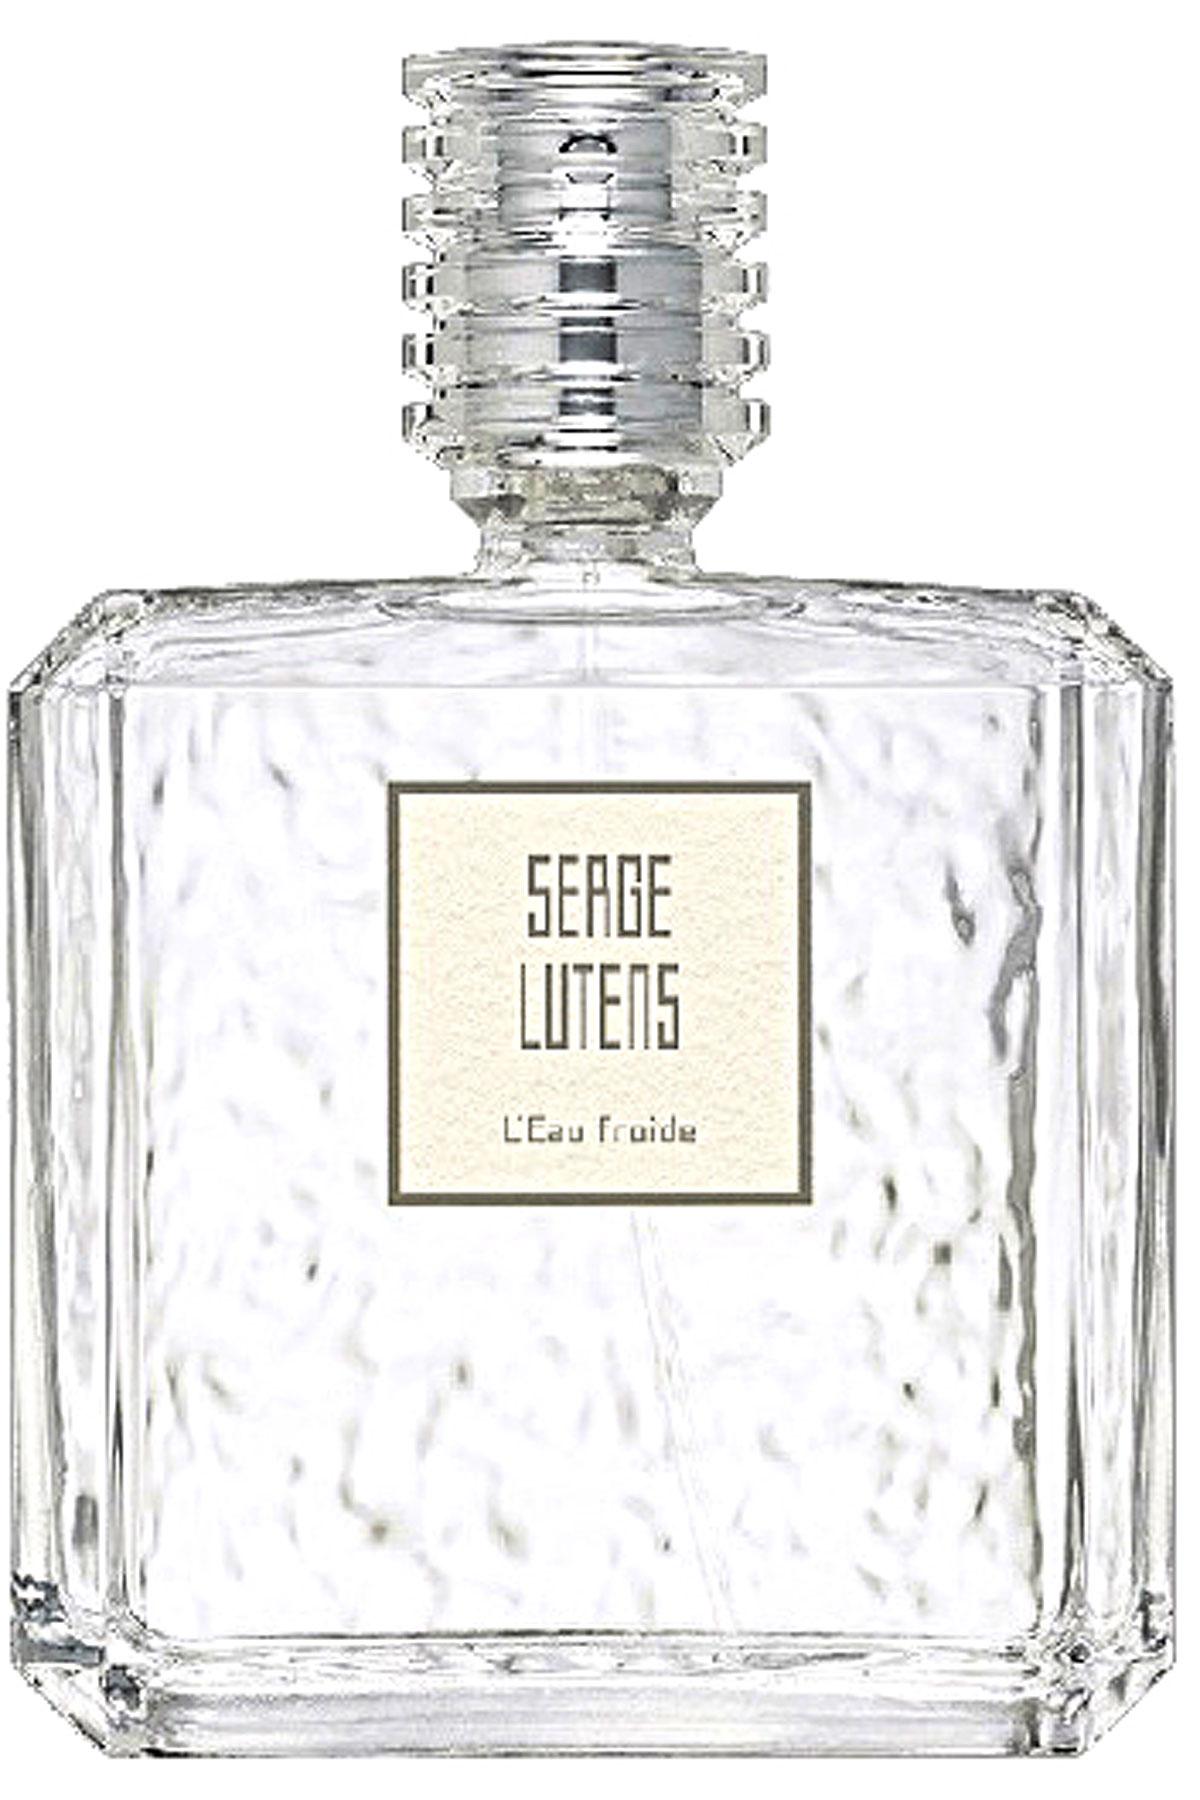 Serge Lutens Fragrances for Women, L Eau Froide - Eau De Parfum - 50-100 Ml, 2019, 50 ml 100 ml